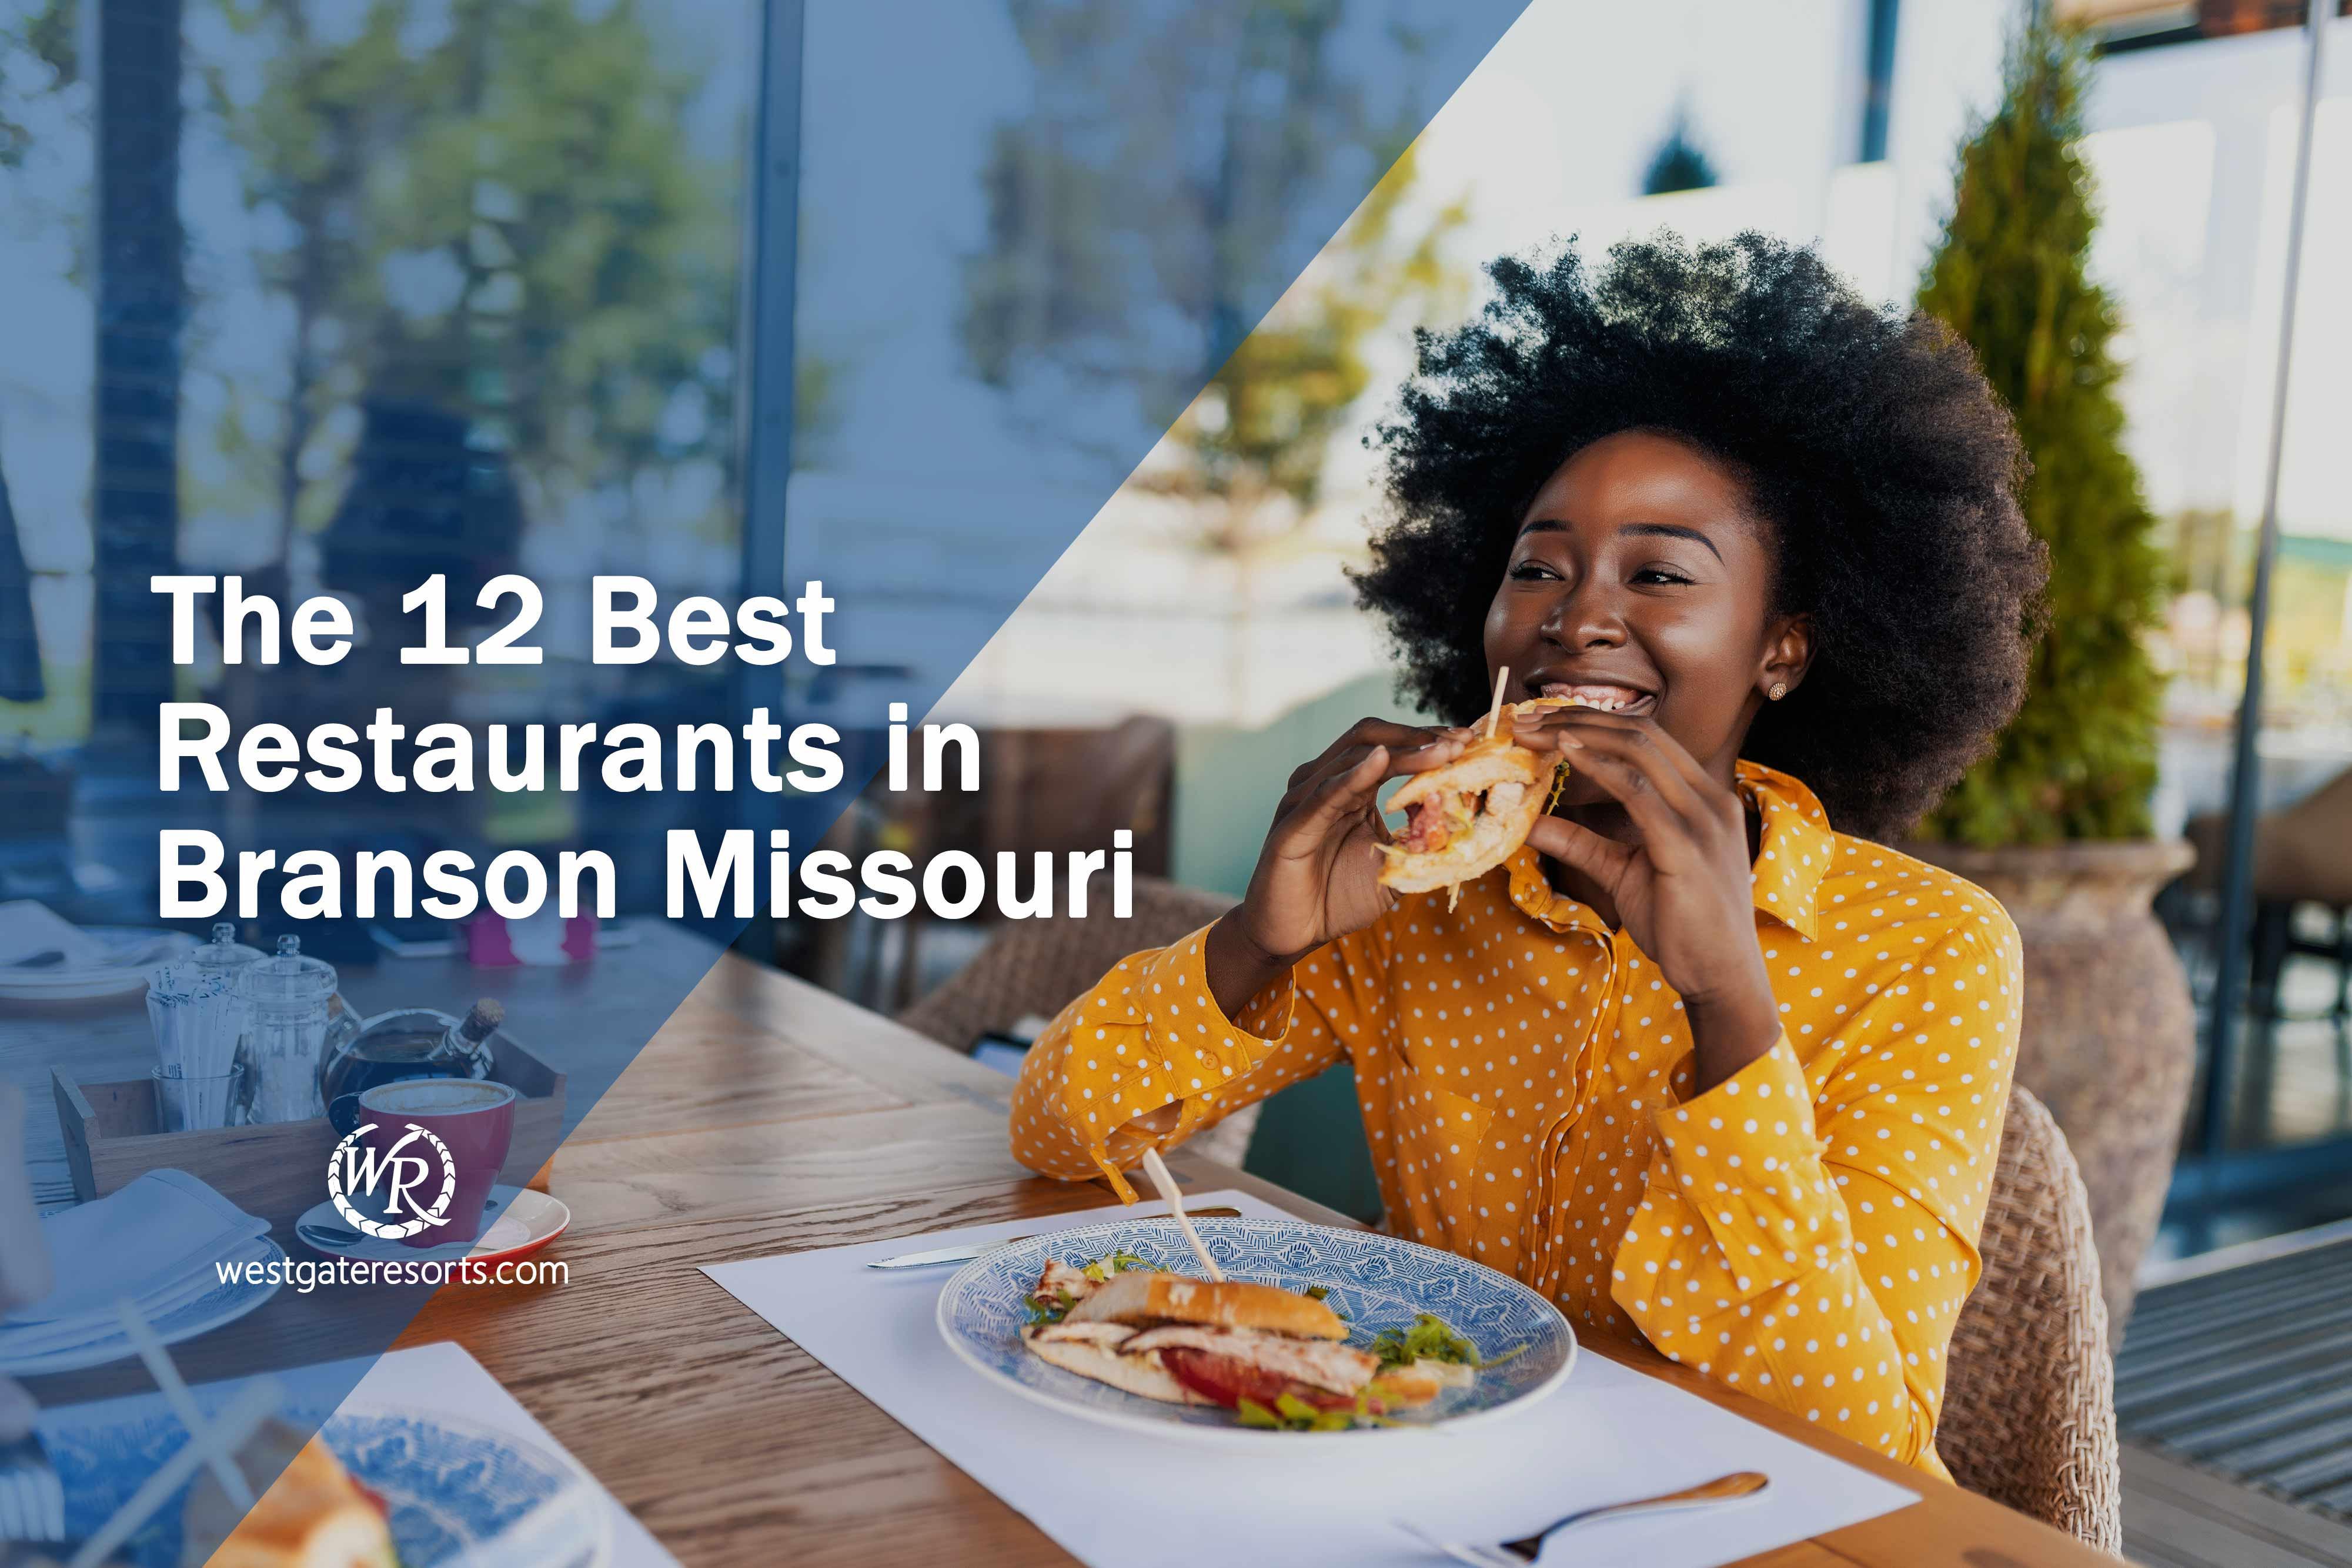 The 12 Best Restaurants in Branson Missouri